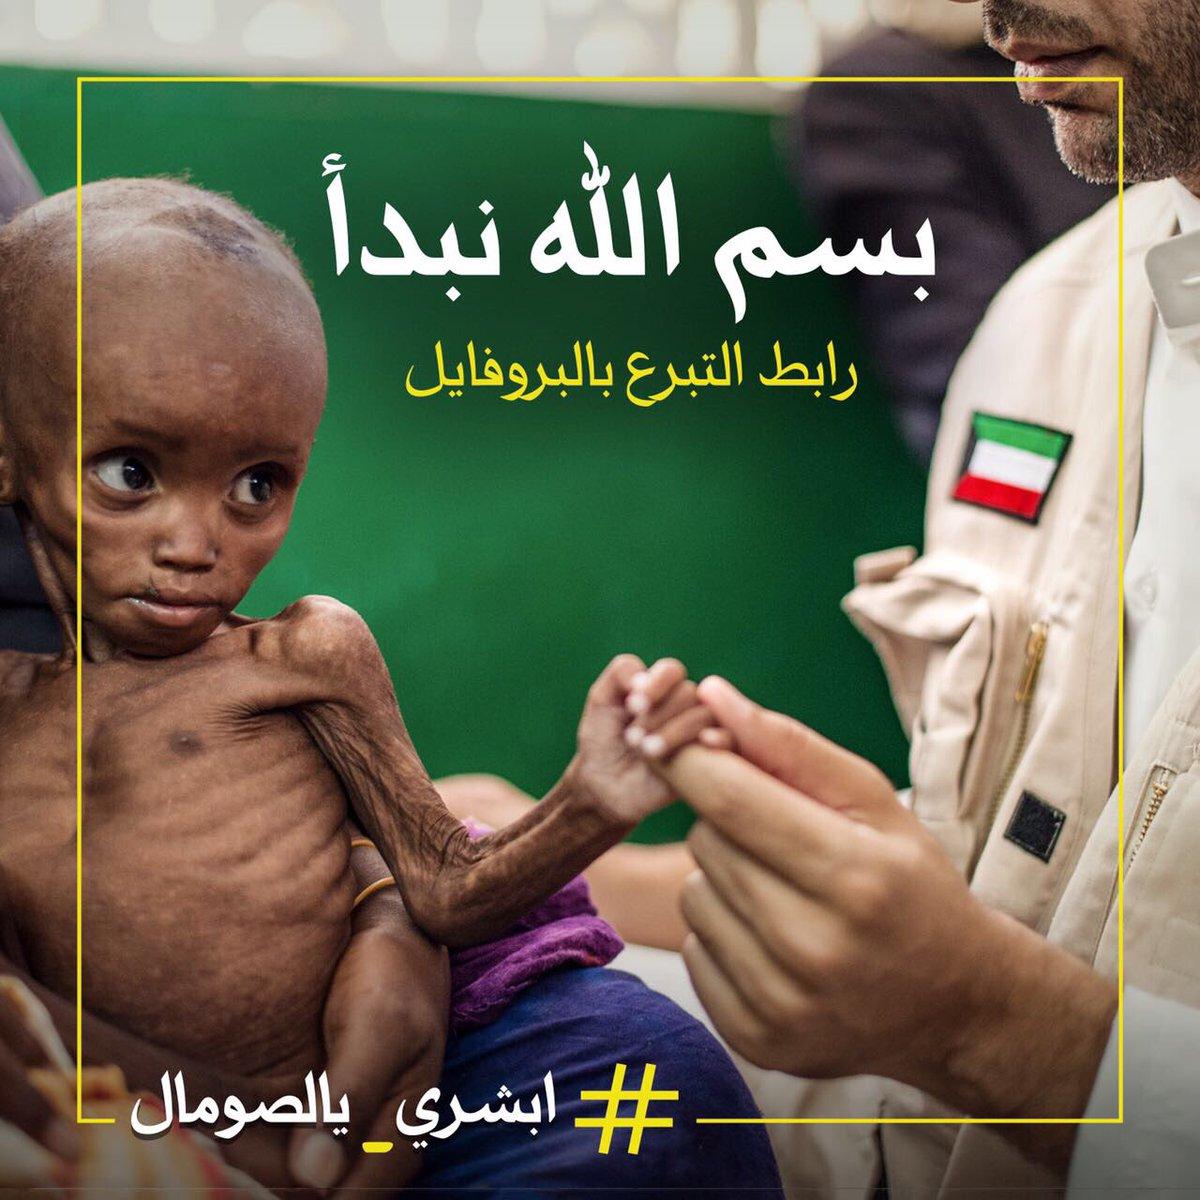 بسم الله نبدأ  حملة # ابشري يالصومال   رابط التبرع في الحملة